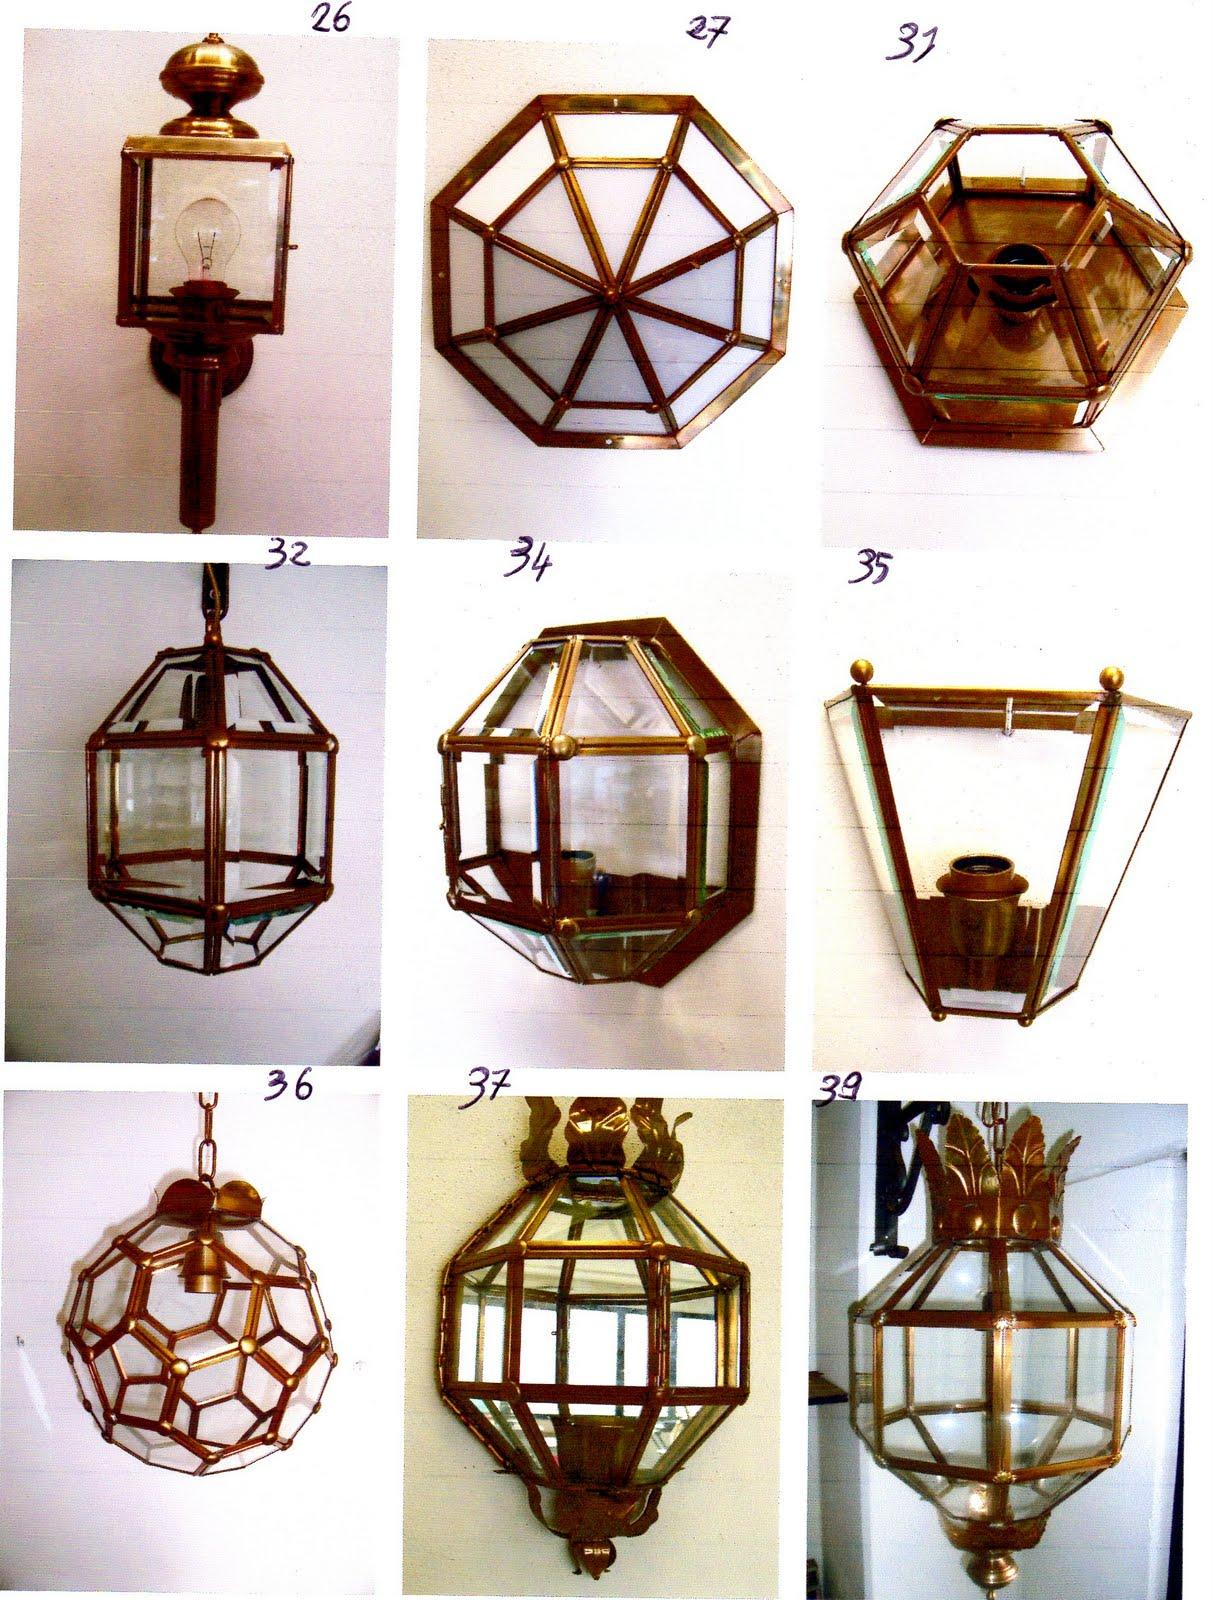 Ditta brogani maurizio lavori in ferro battuto e restauri - Lanterne da interno ...